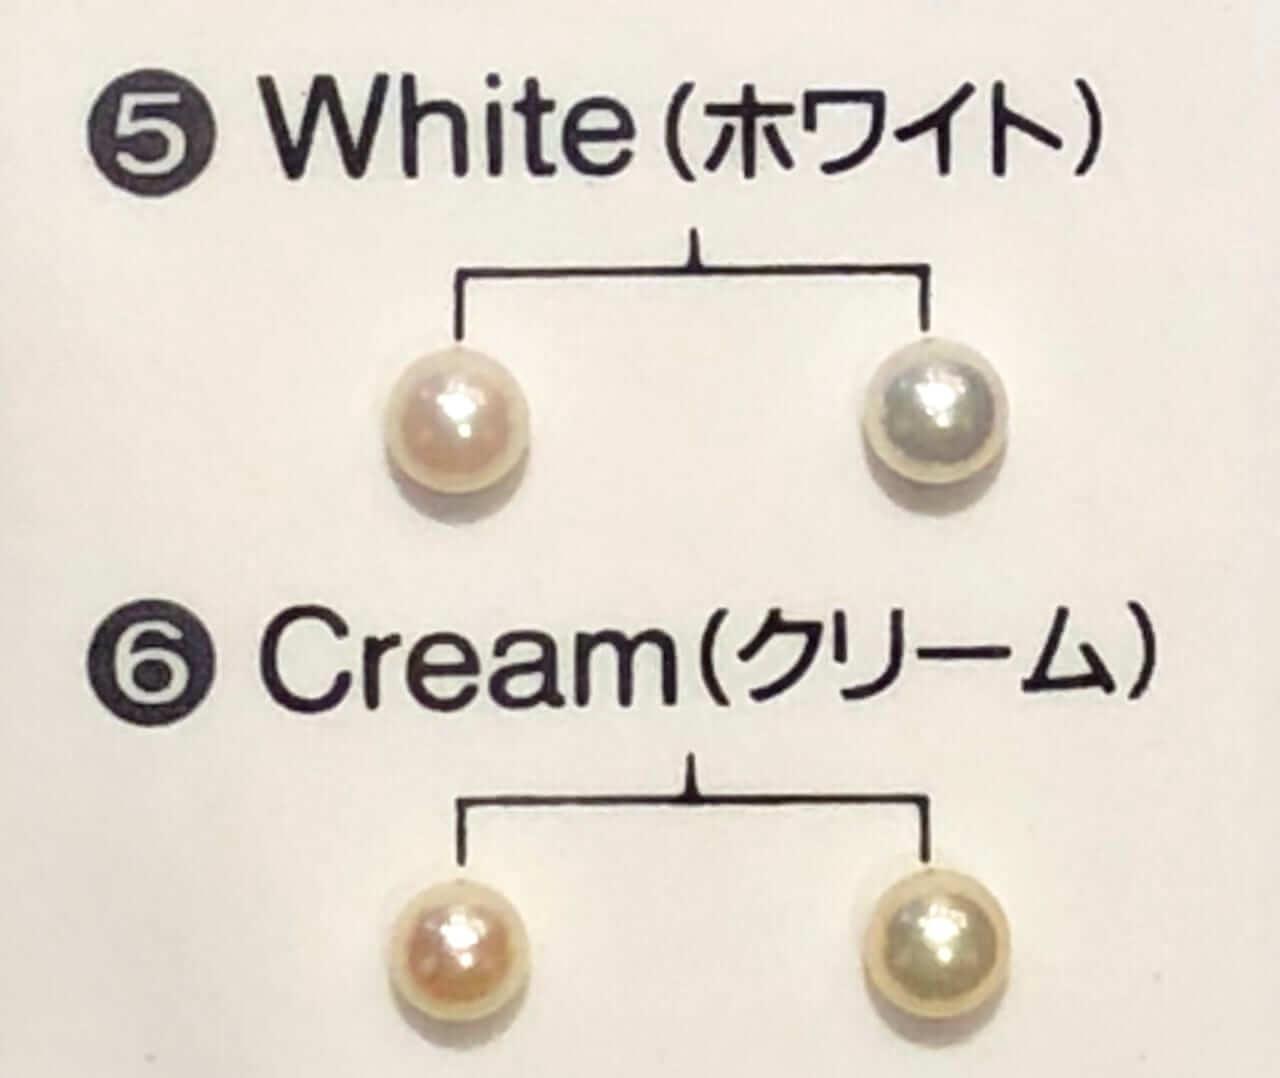 あこや真珠色目サンプル クリーム系